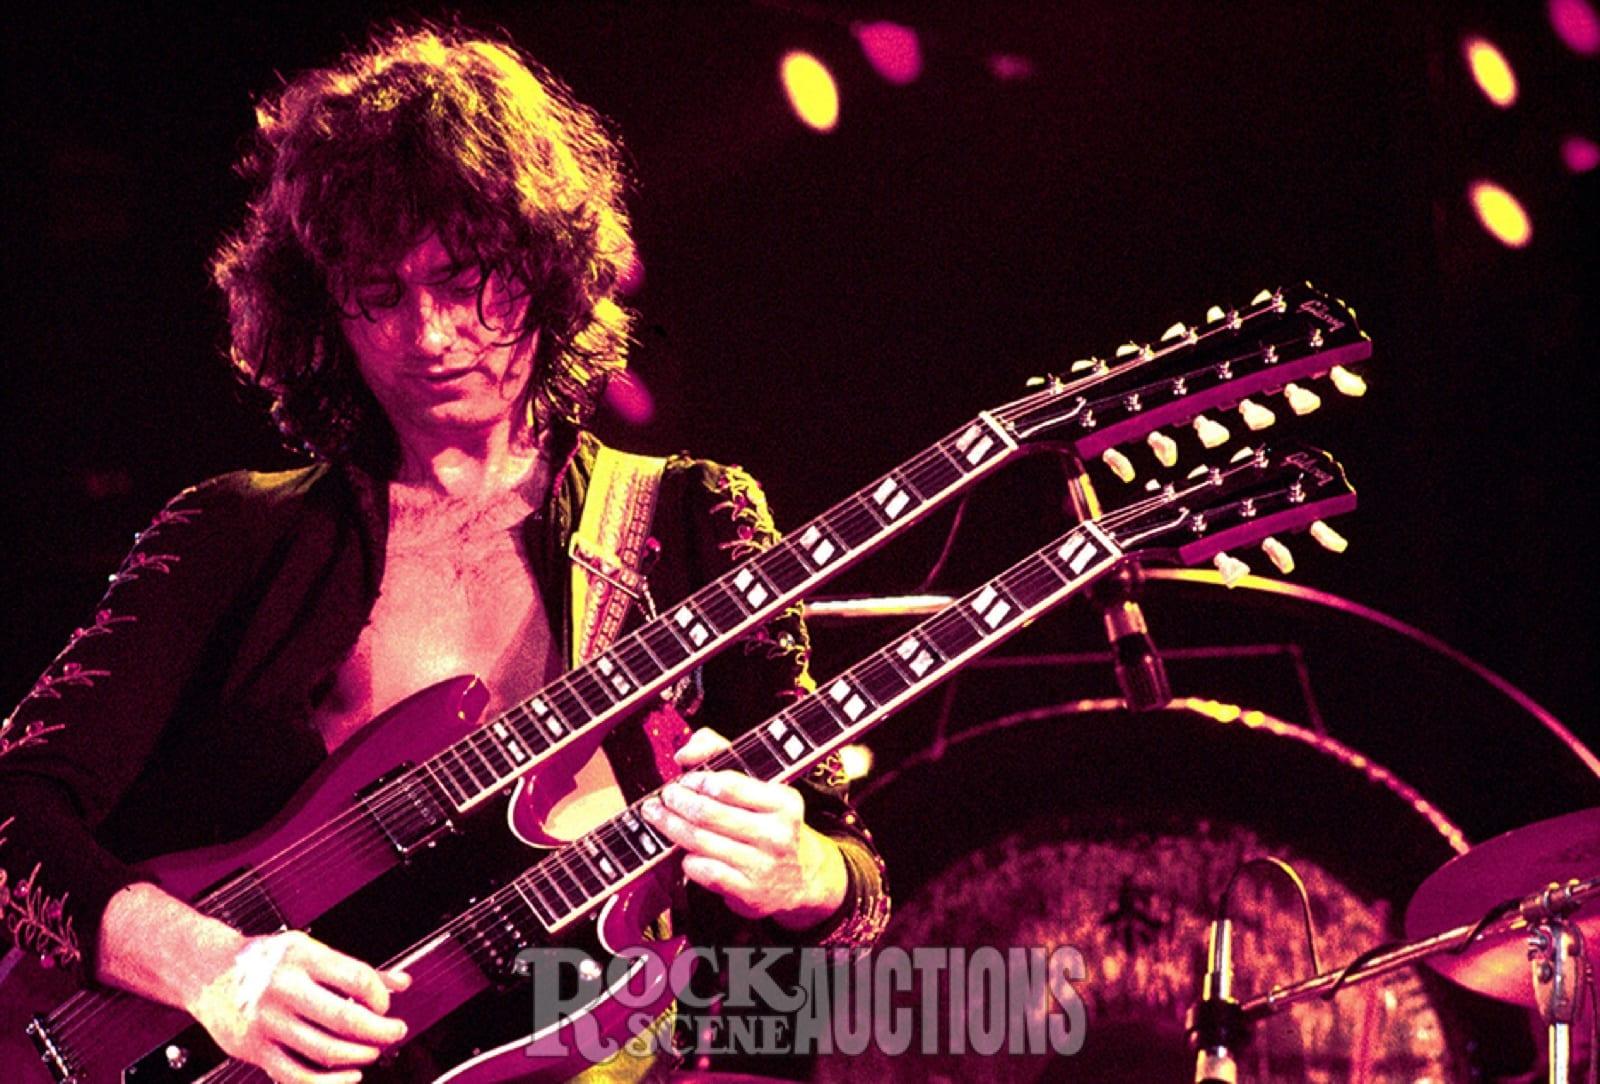 Fortune 18 Led Zeppelin